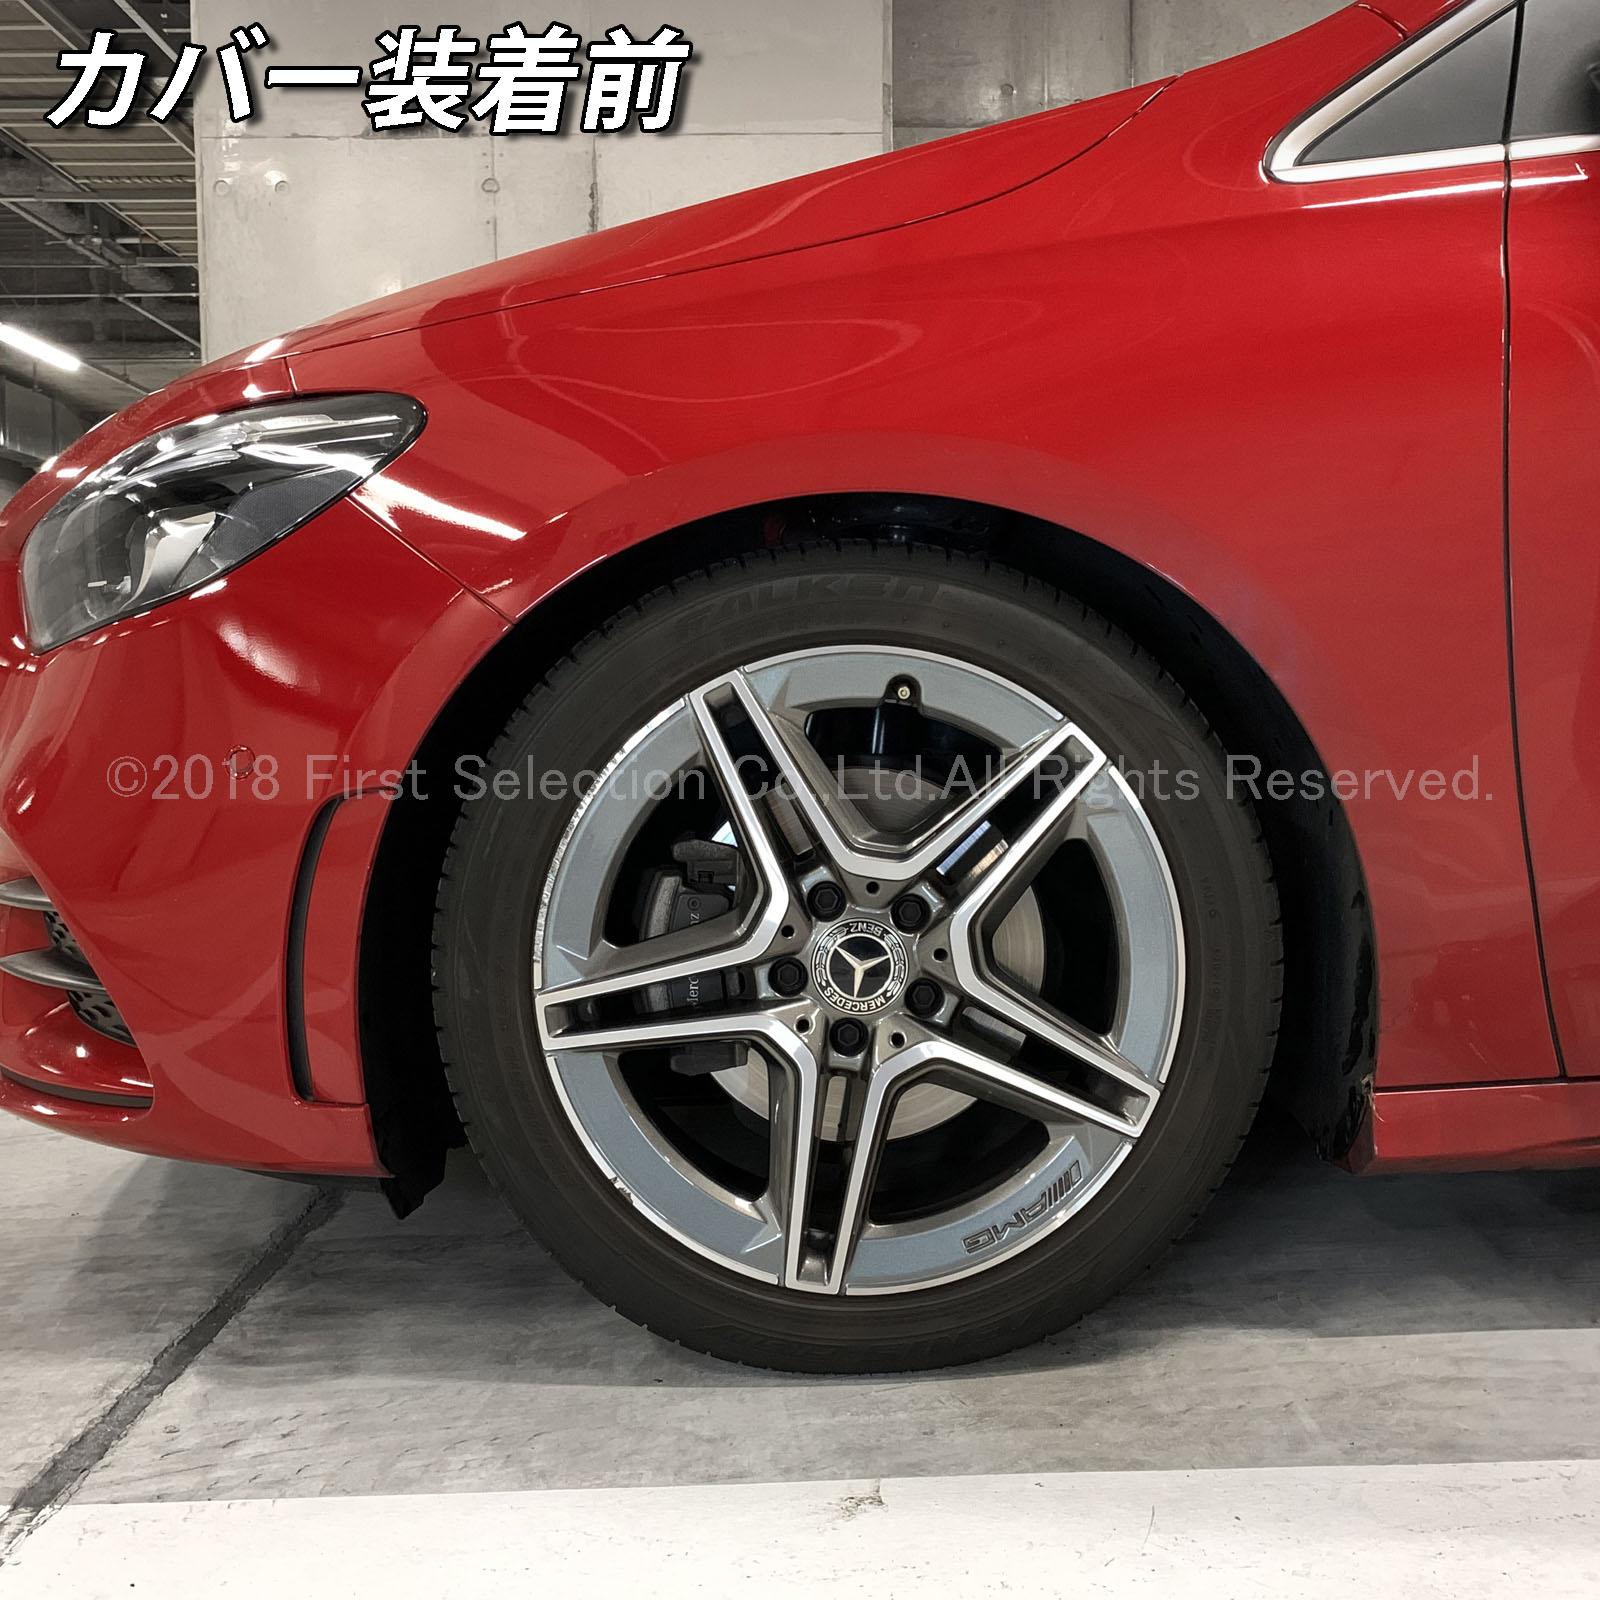 Mercedes-Benz ベンツ AMG銀文字 Bクラス W247用 高耐久金属製キャリパーカバーセット赤 W247 B180 B200d B180AMGライン B200dAMGライン